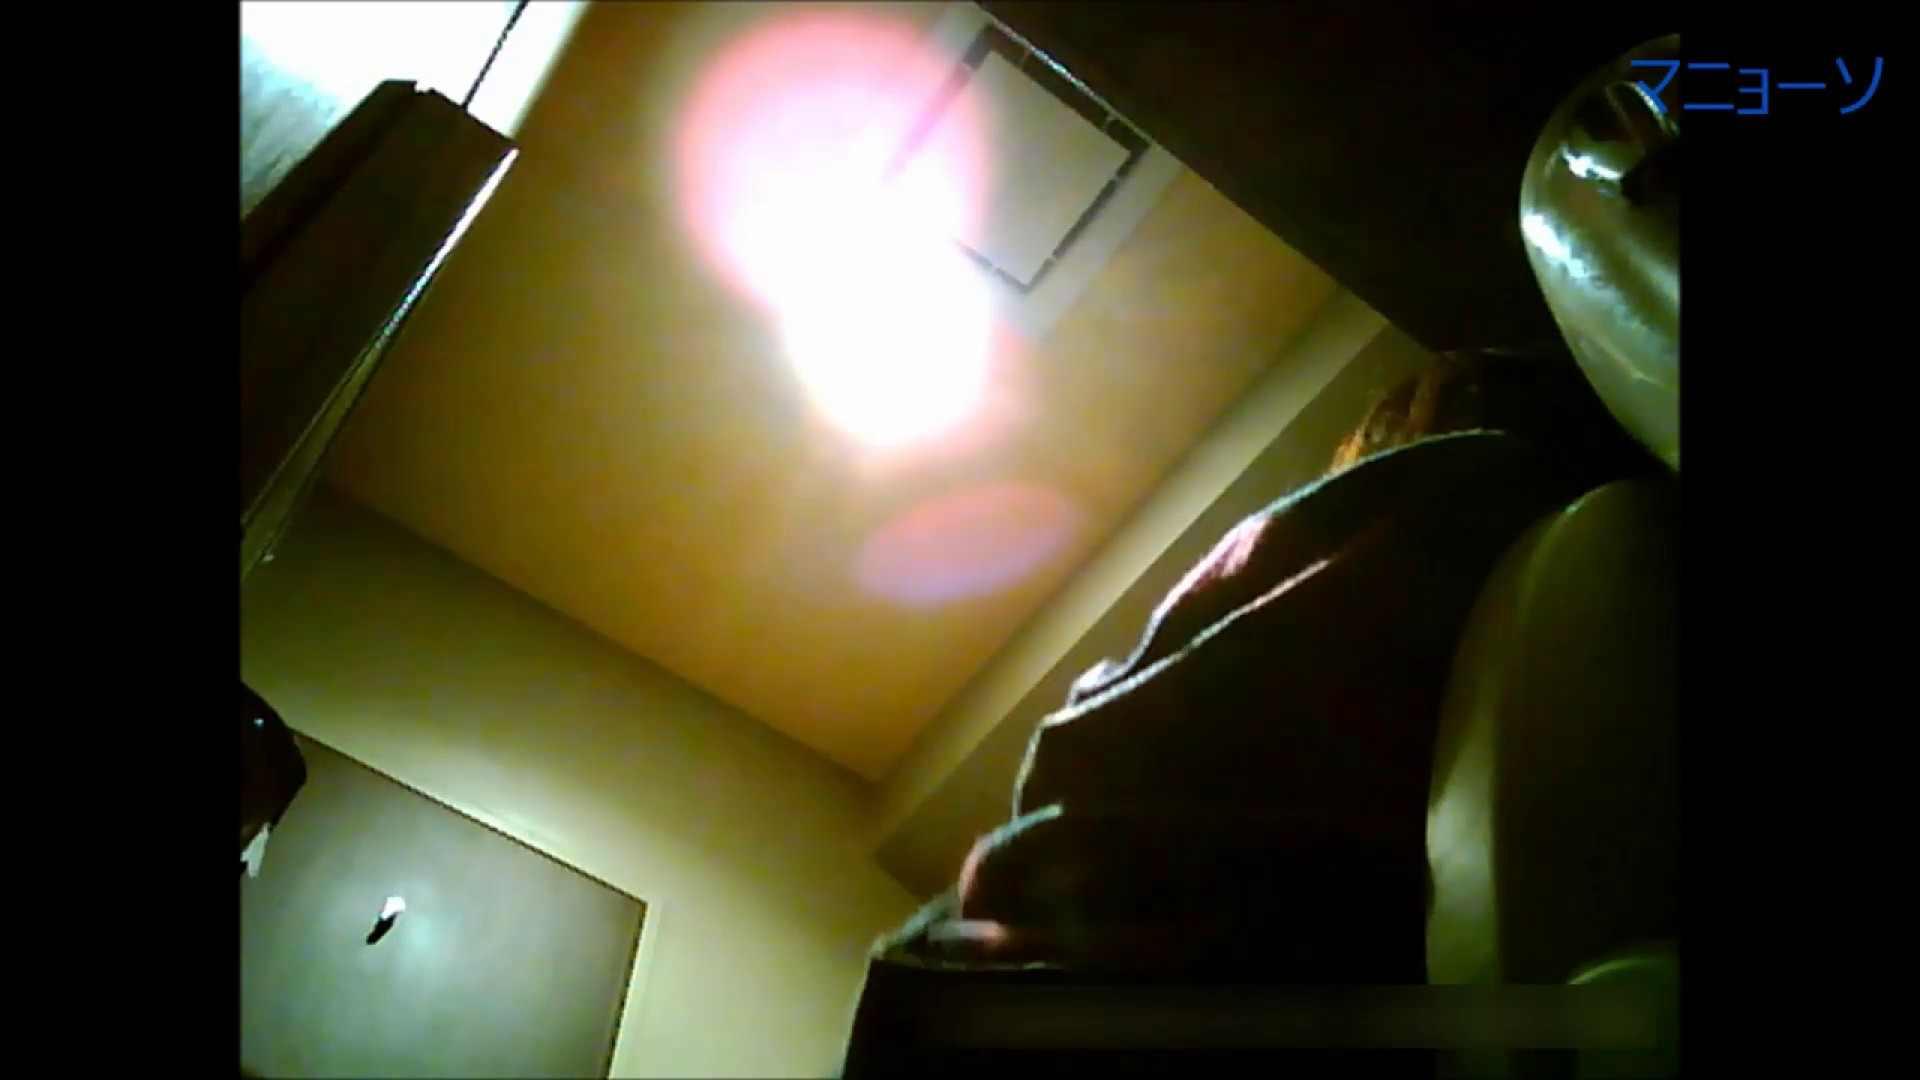 トイレでひと肌脱いでもらいました (JD編)Vol.02 トイレ  80pic 40